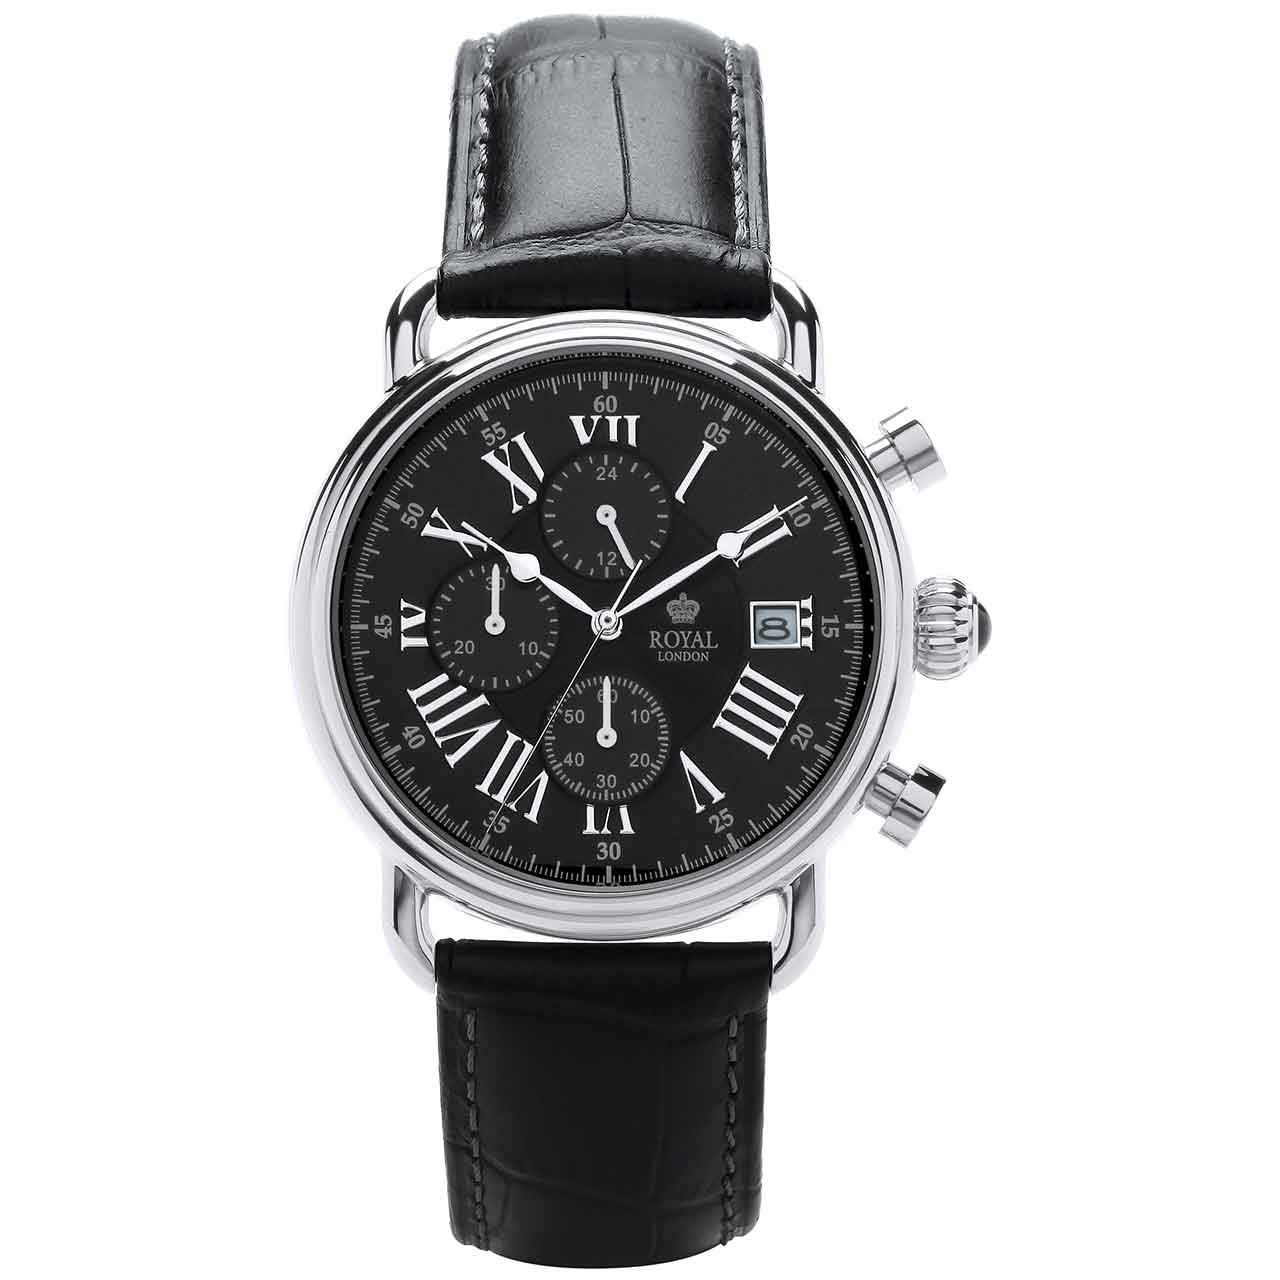 ساعت مچی عقربه ای مردانه رویال لندن مدل RL-41249-01 51